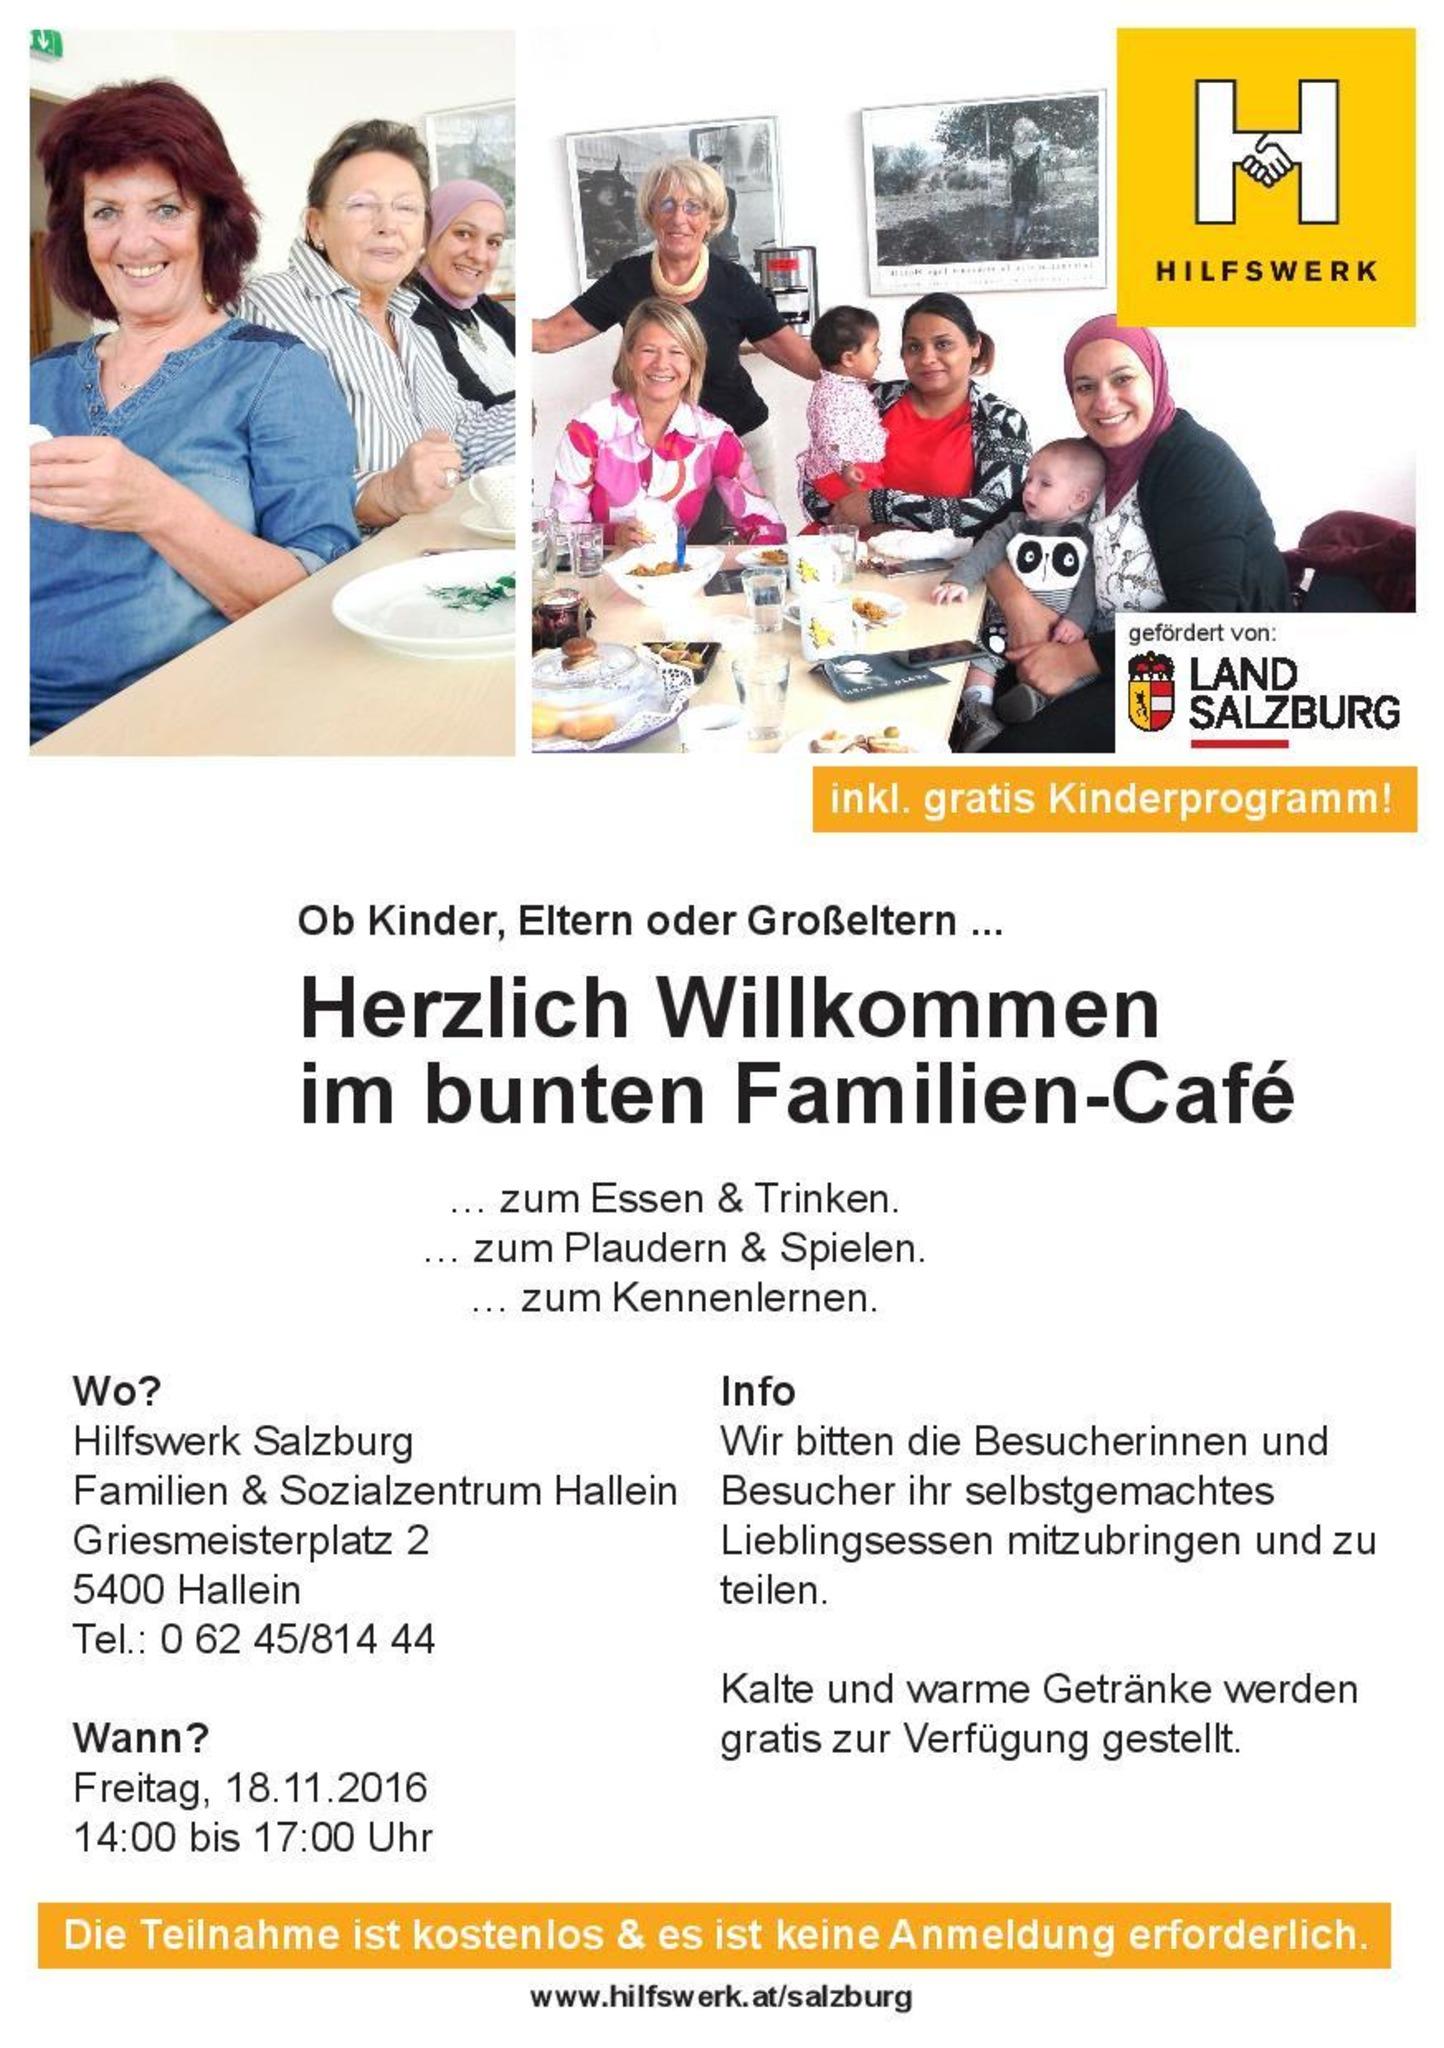 Online Chat & Dating Hallein | Lerne Mnner & Frauen in